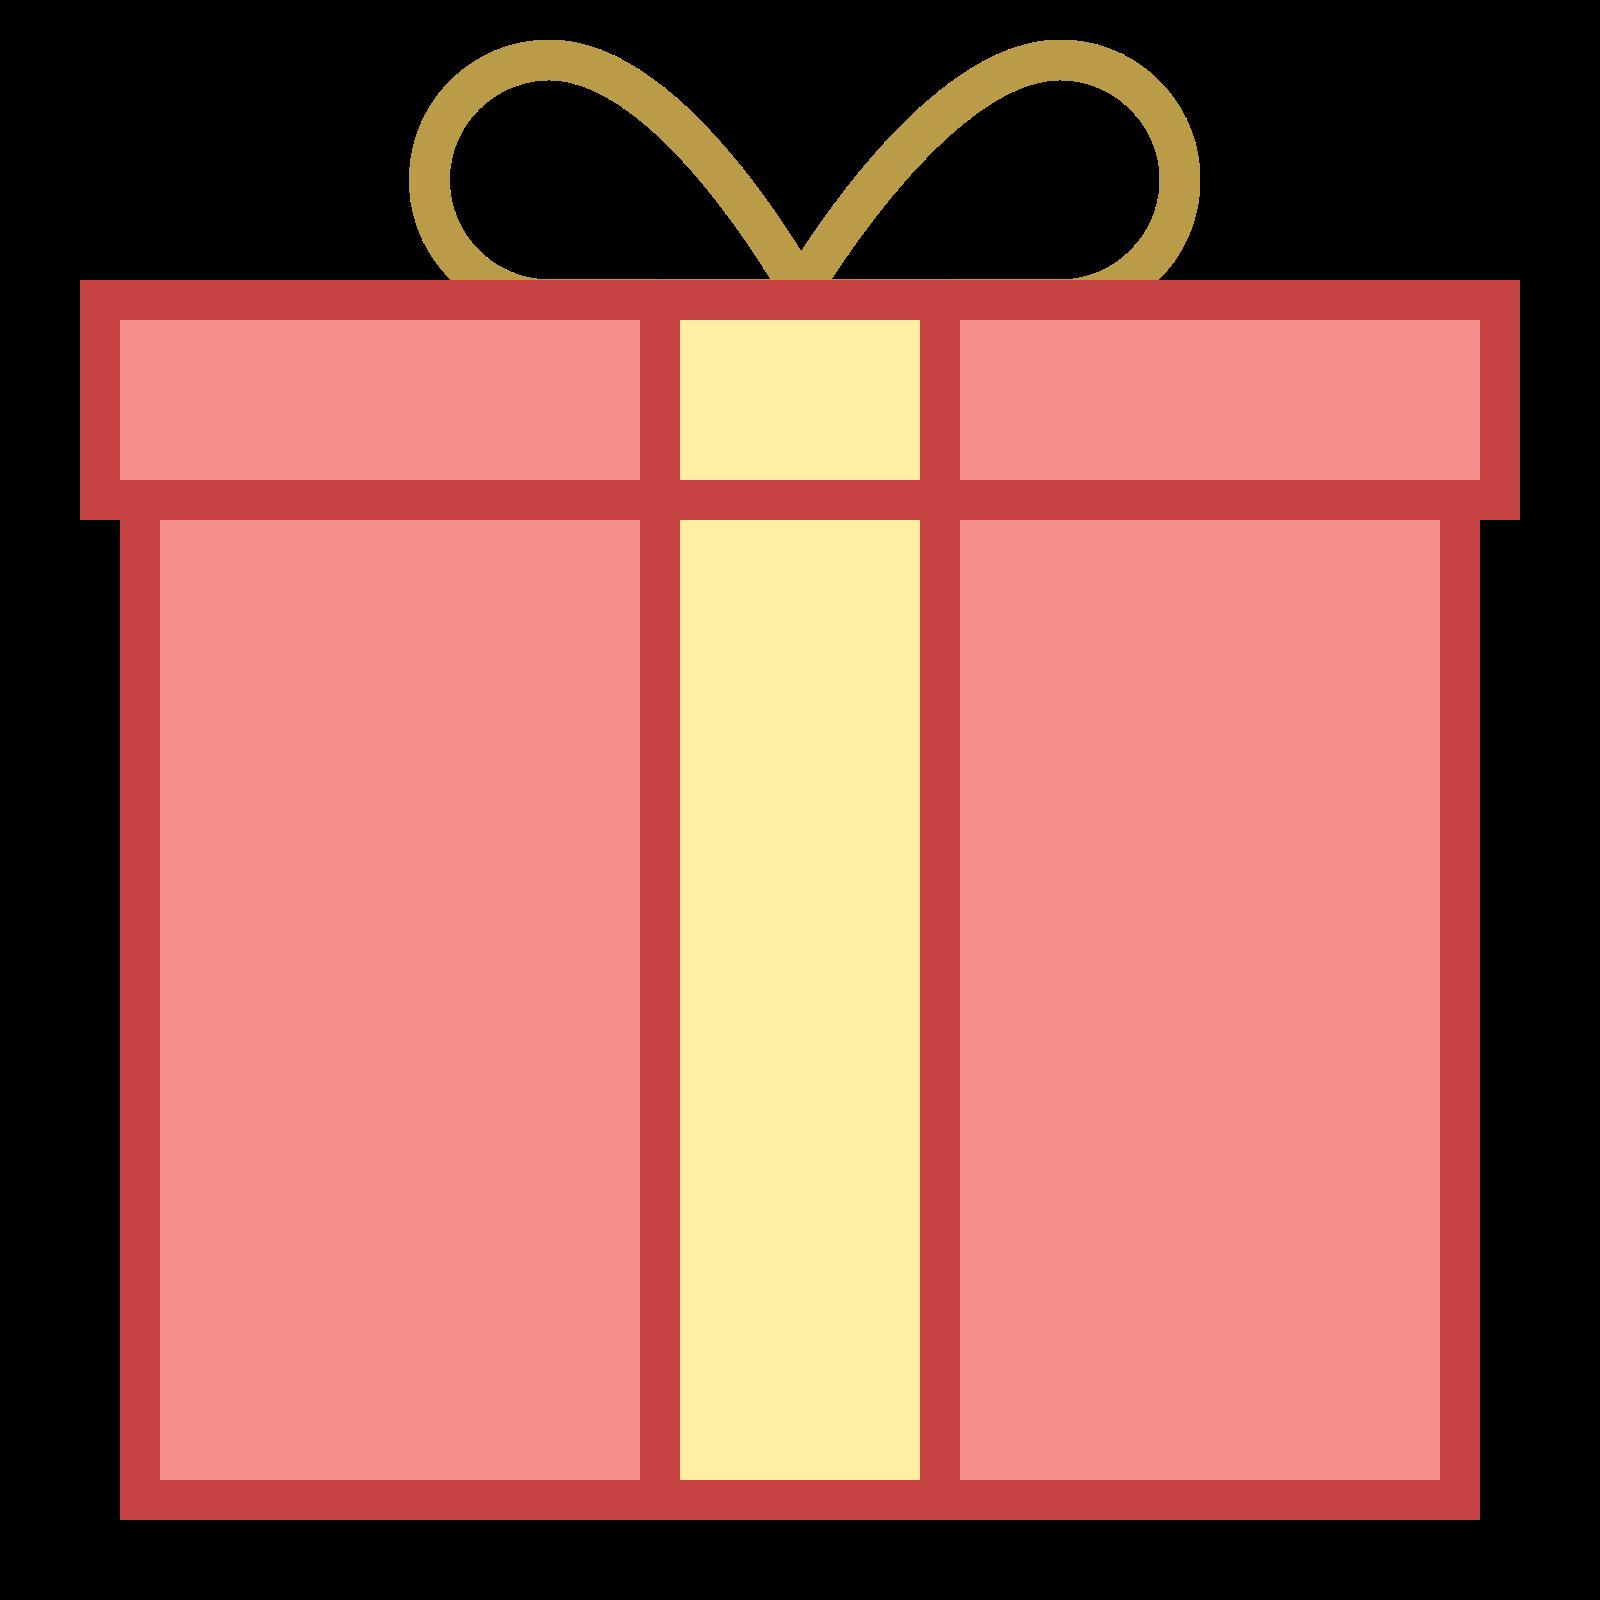 贈り物 icon. It's a logo to represent a gift and looks like a square box with a ribbon around it. The logo has a square lid on top of the square box an the ribbon on top is tied to look like tied shoe lace.